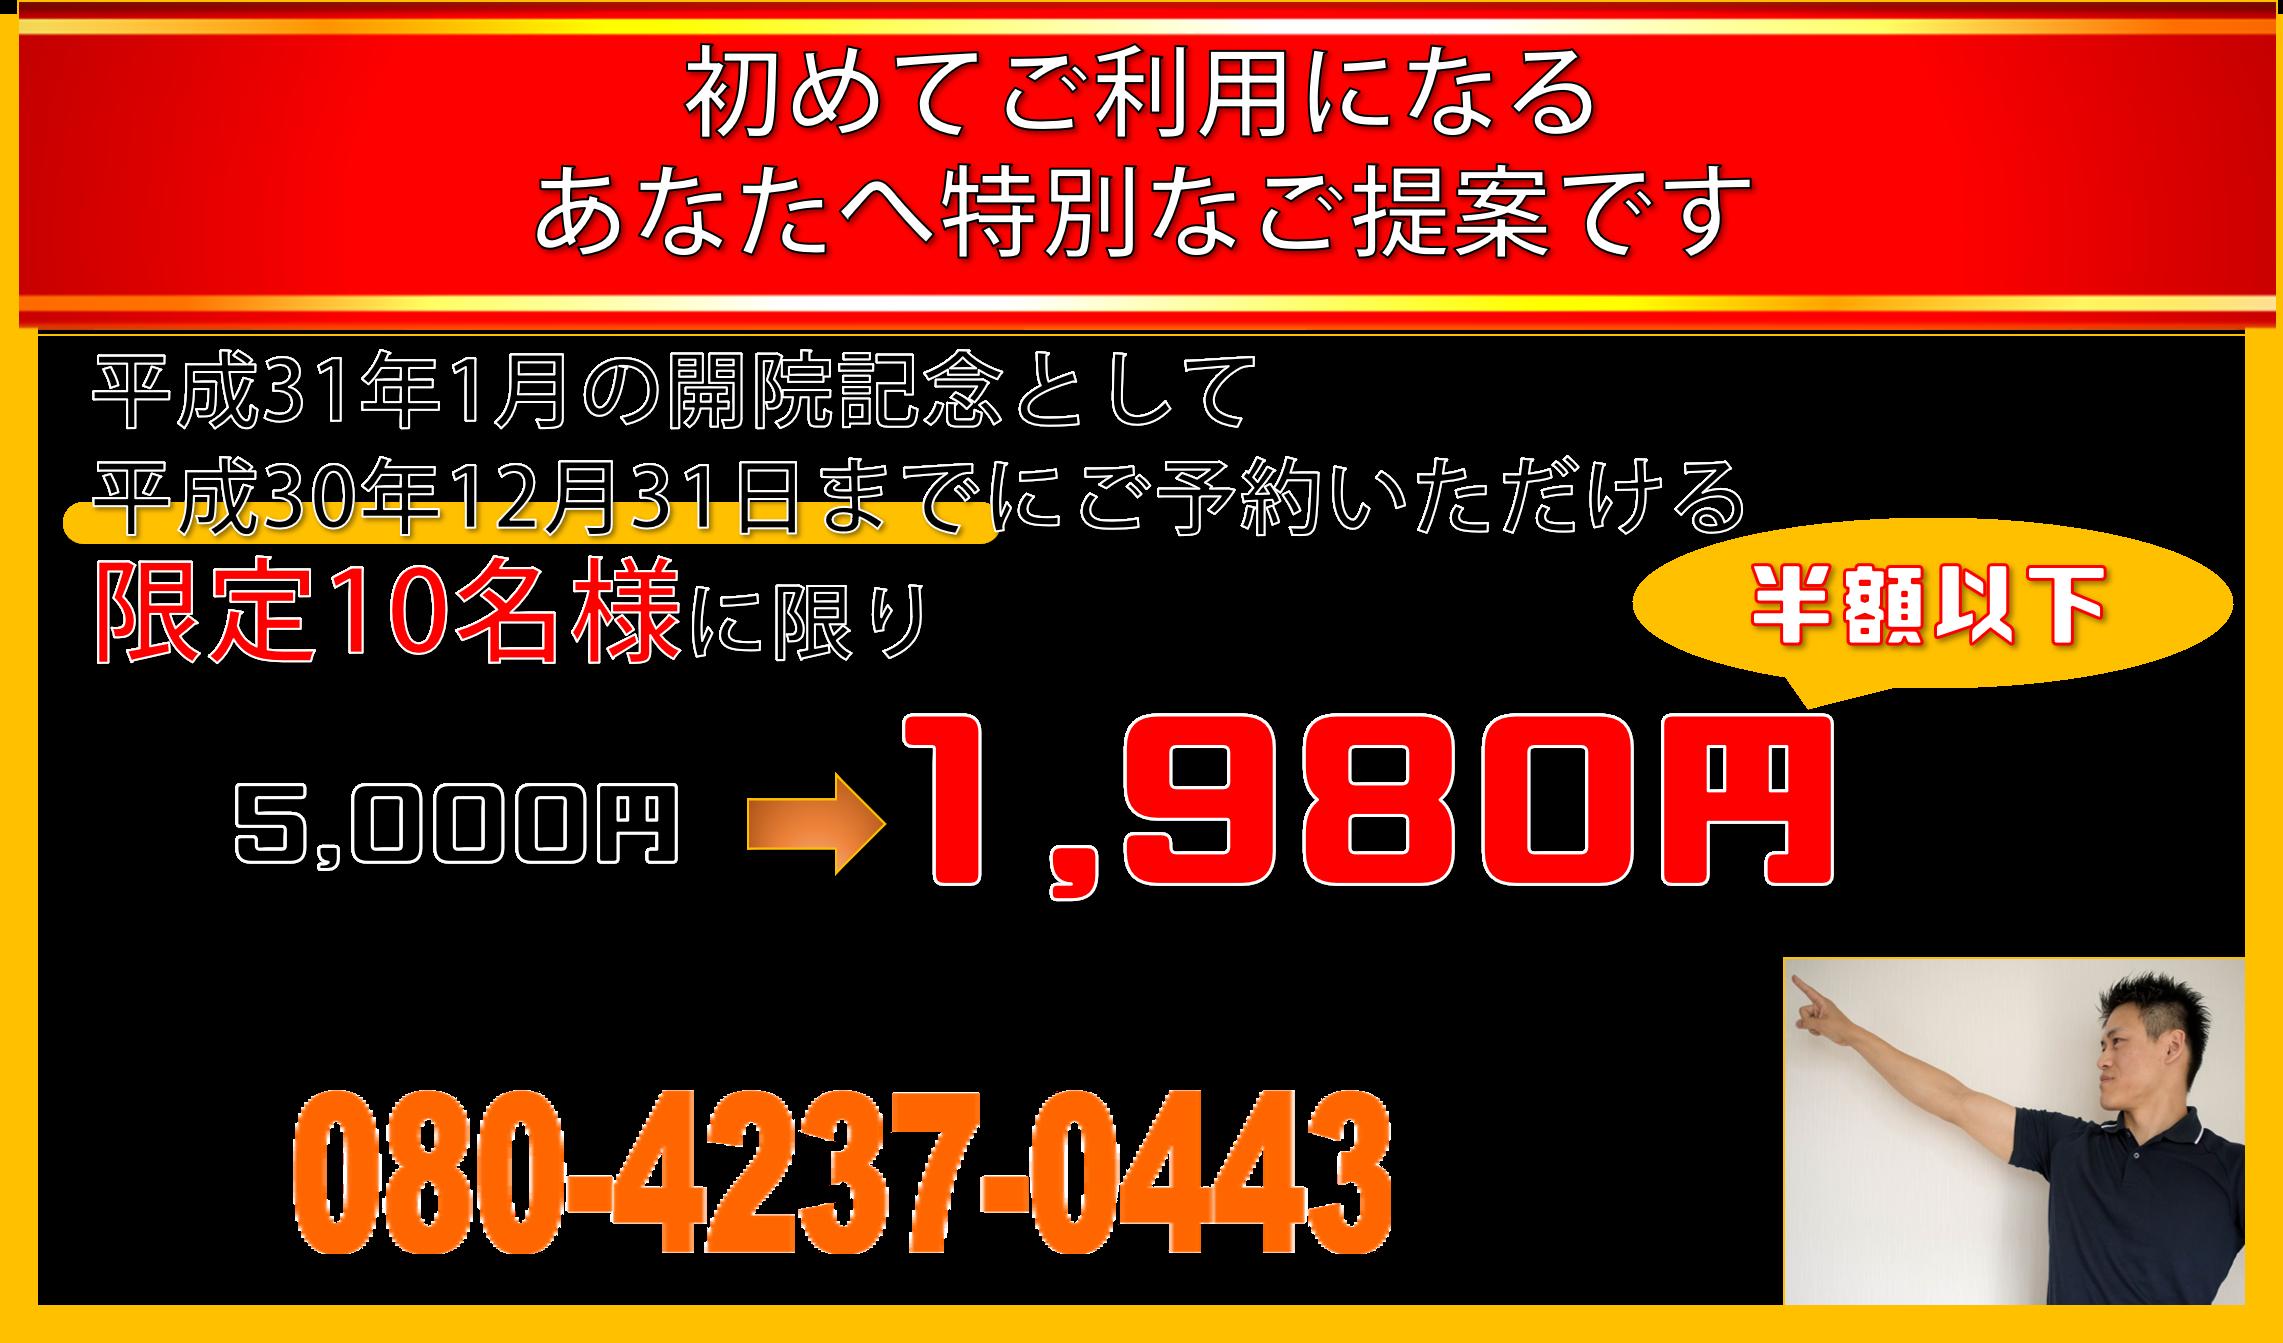 """開院記念【特別価格】2018年12月31日までにご予約頂ける方""""先着10名さま""""初回1,980円でご提供いたします!"""